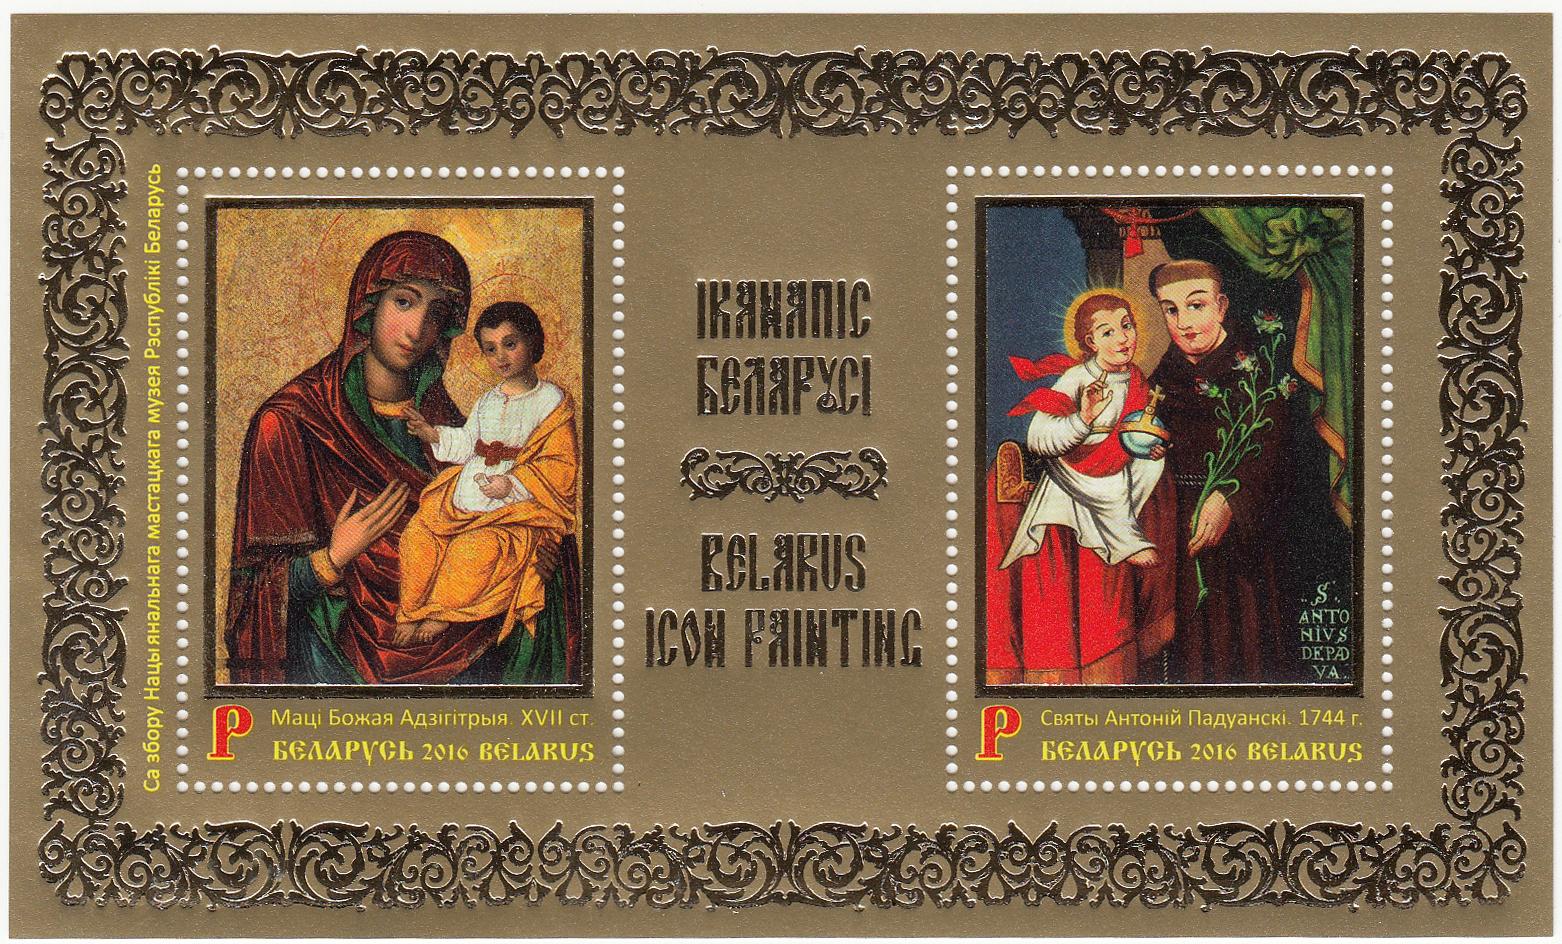 Почтовый блок из двух марок Иконопись Беларуси.